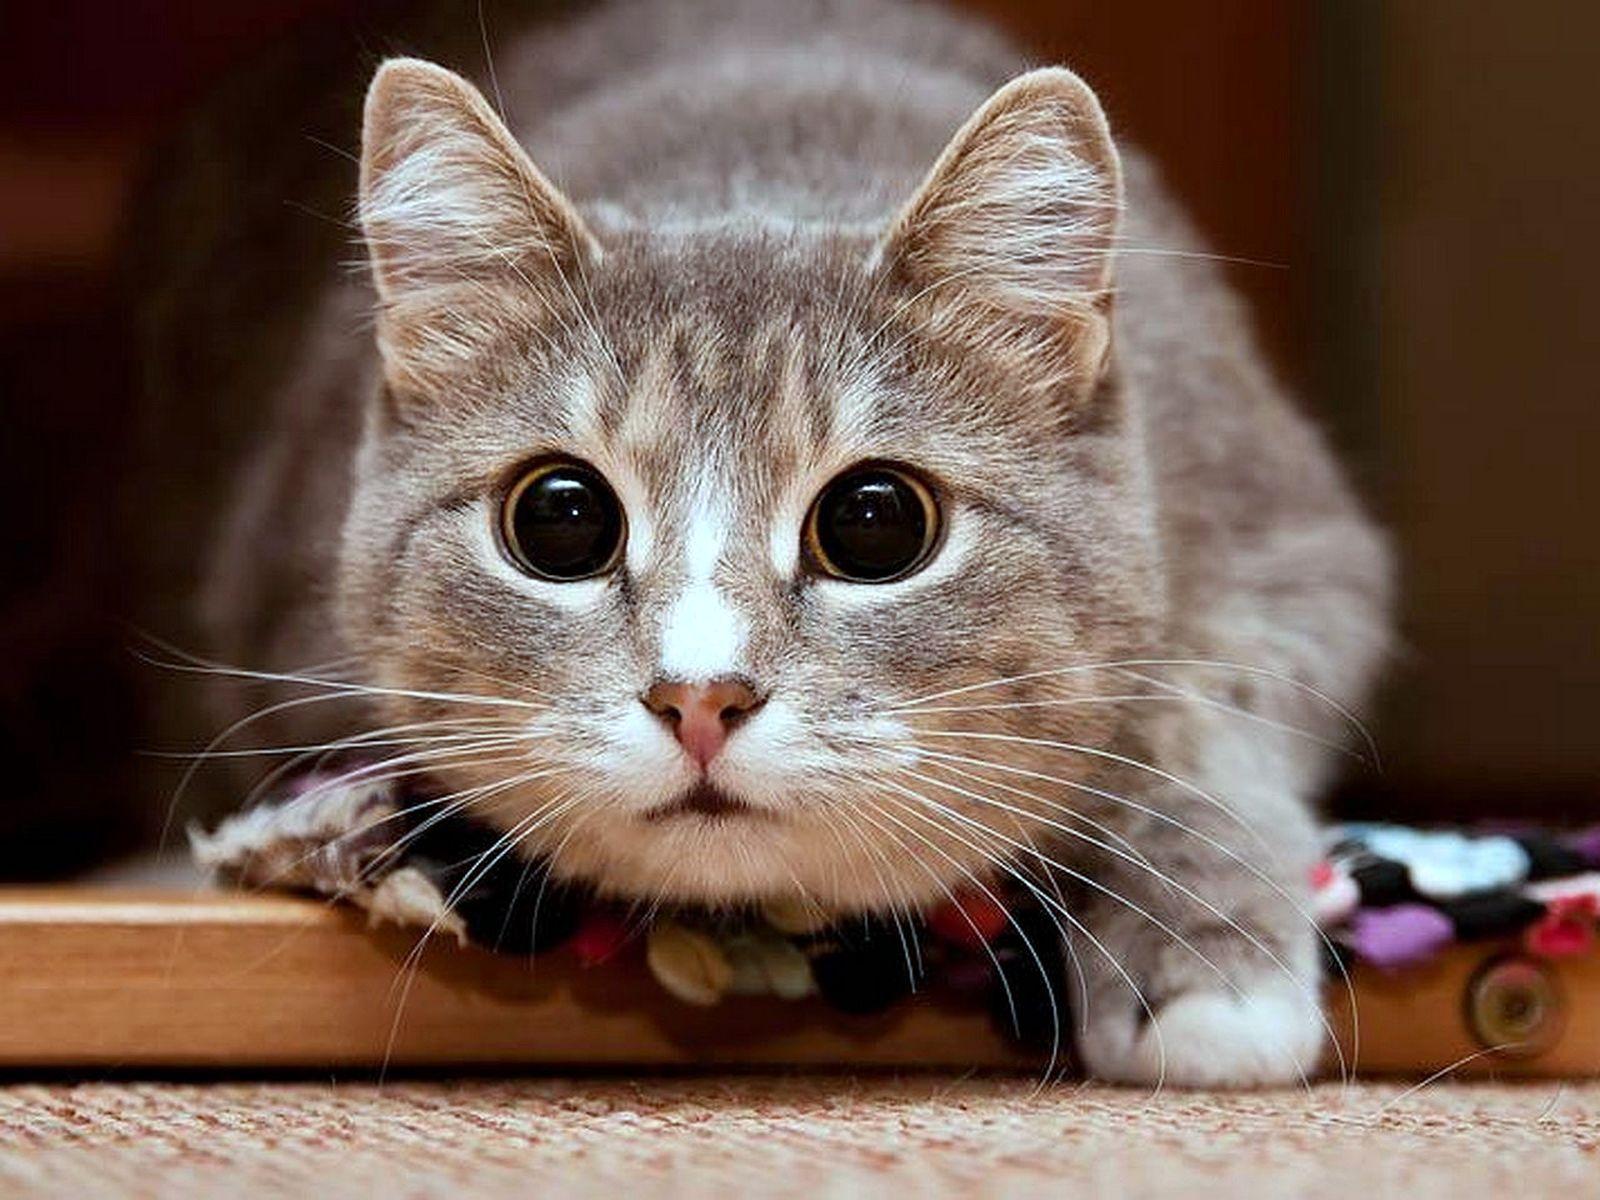 Сайт с картинкой котика